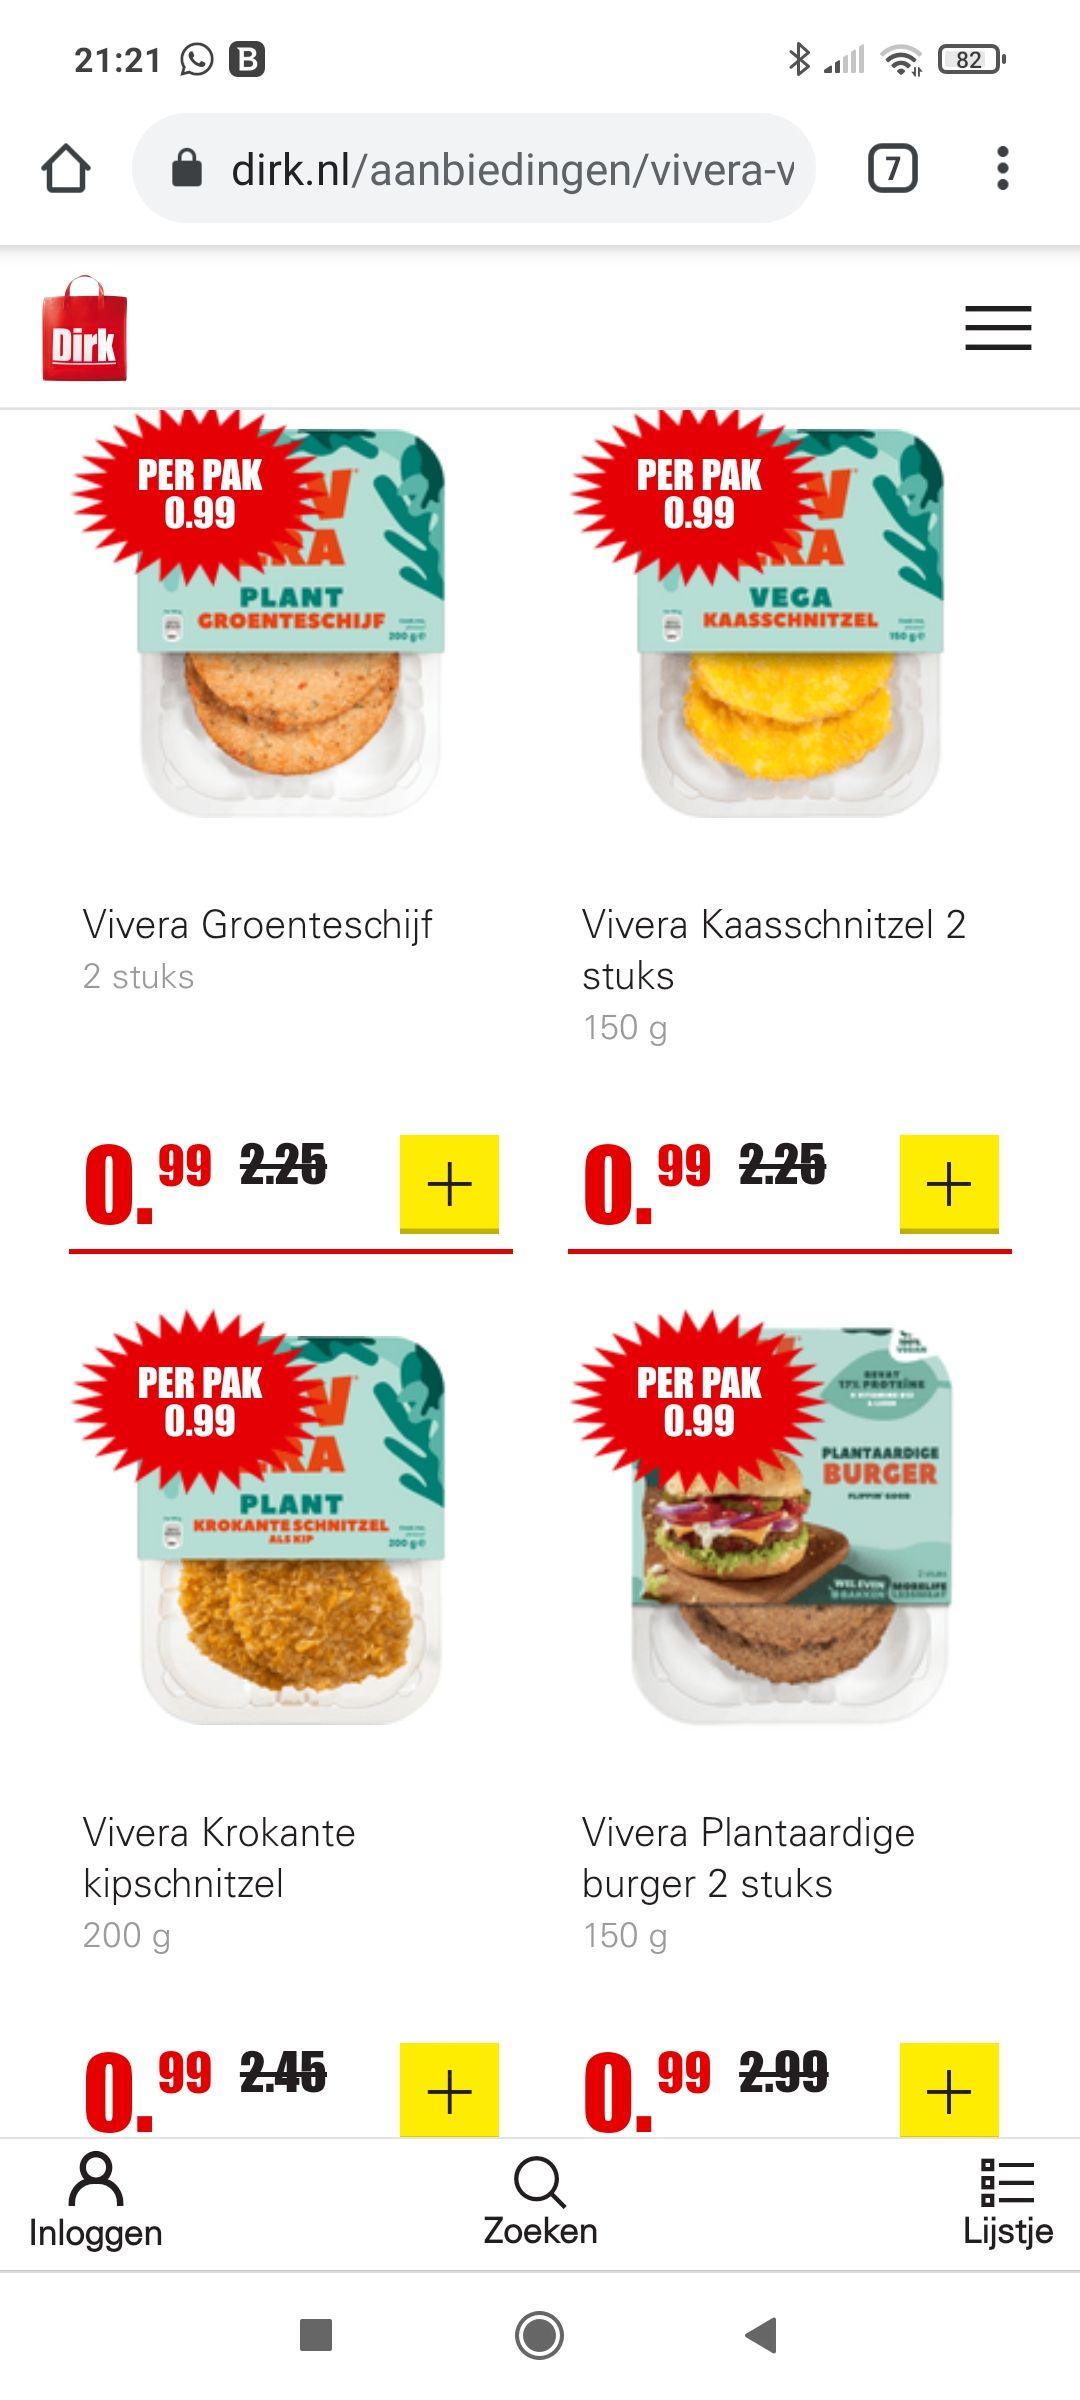 Vivera vleesvervangers 0,99 euro.